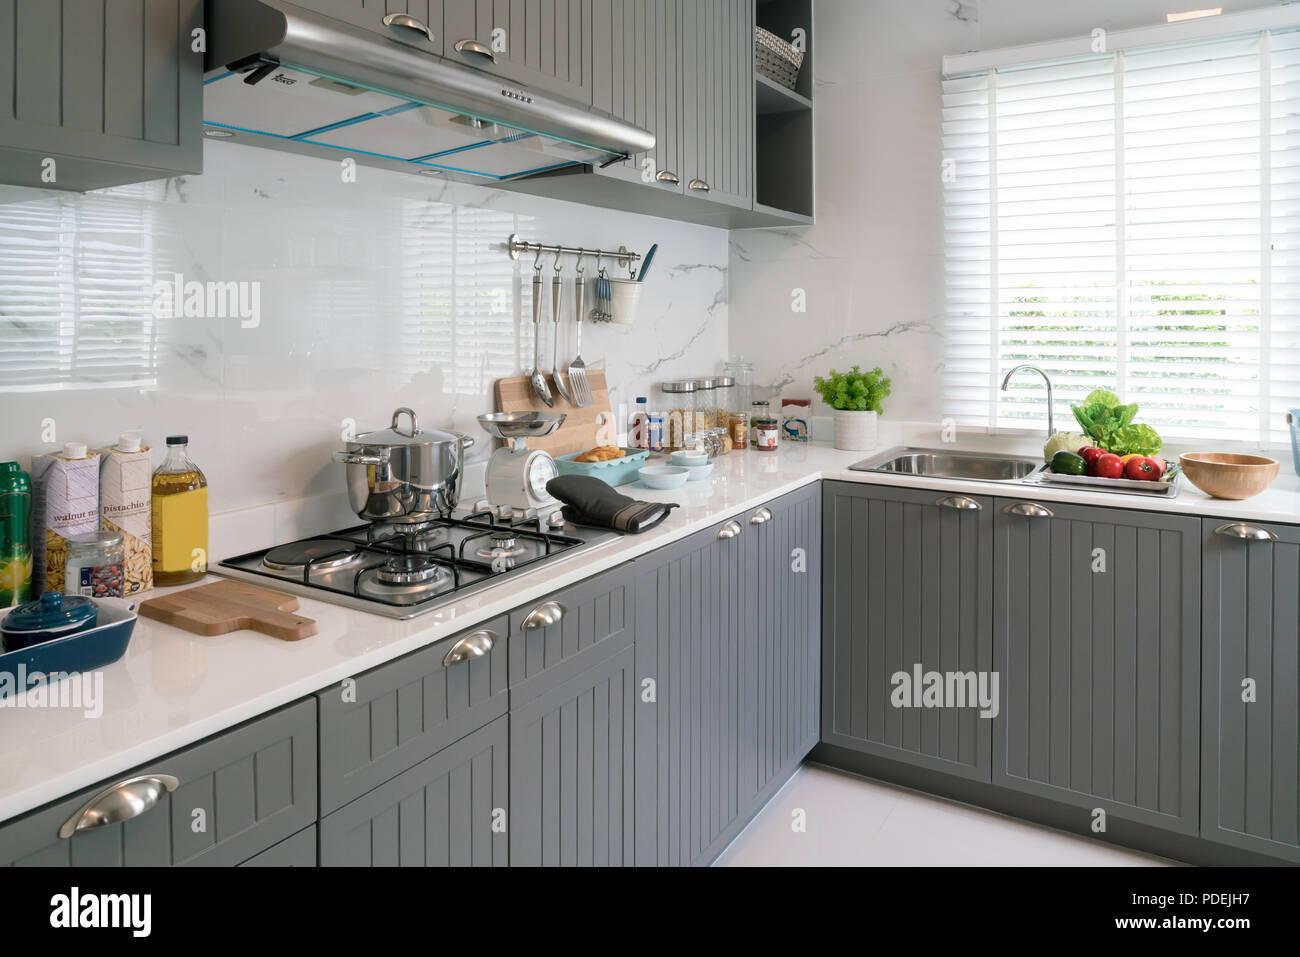 Hölzerne Küchenutensilien, Koch-Zubehör. Kupfer Küche mit weißen ...